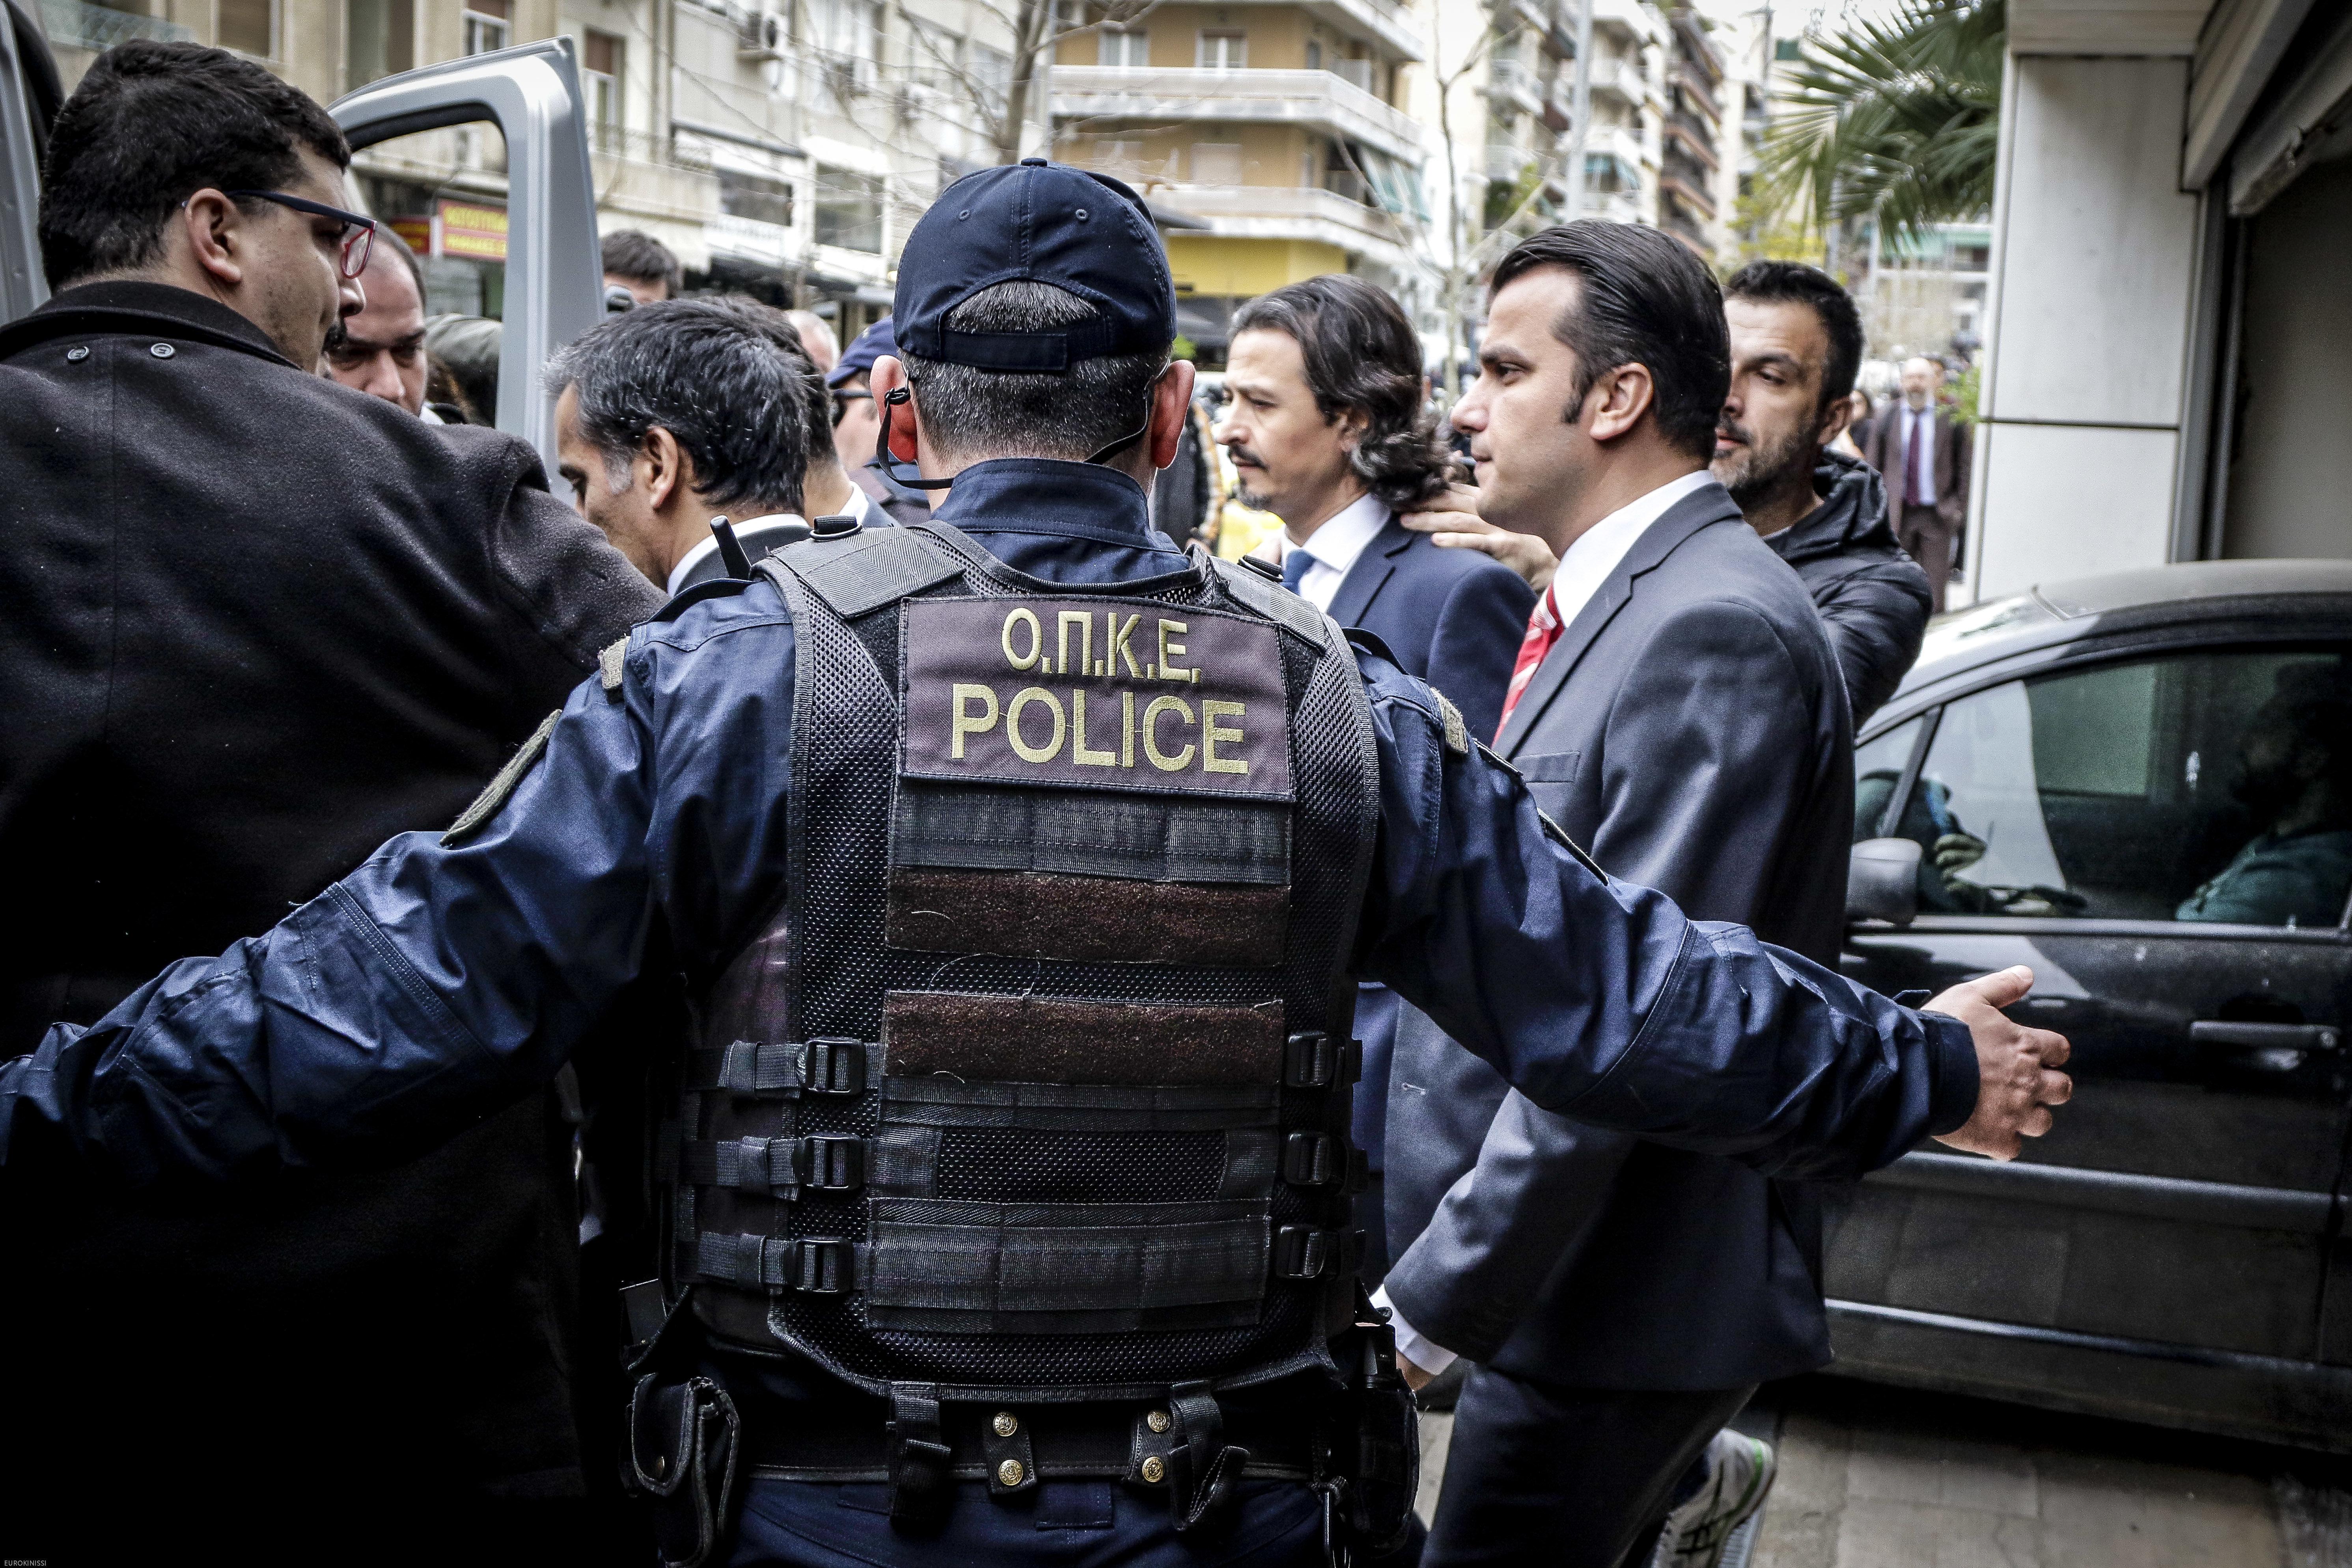 Αμετάκλητη η απόφαση του ΣτΕ για το άσυλο στον Τούρκο αξιωματικό. Απορρίφθηκε το αίτημα